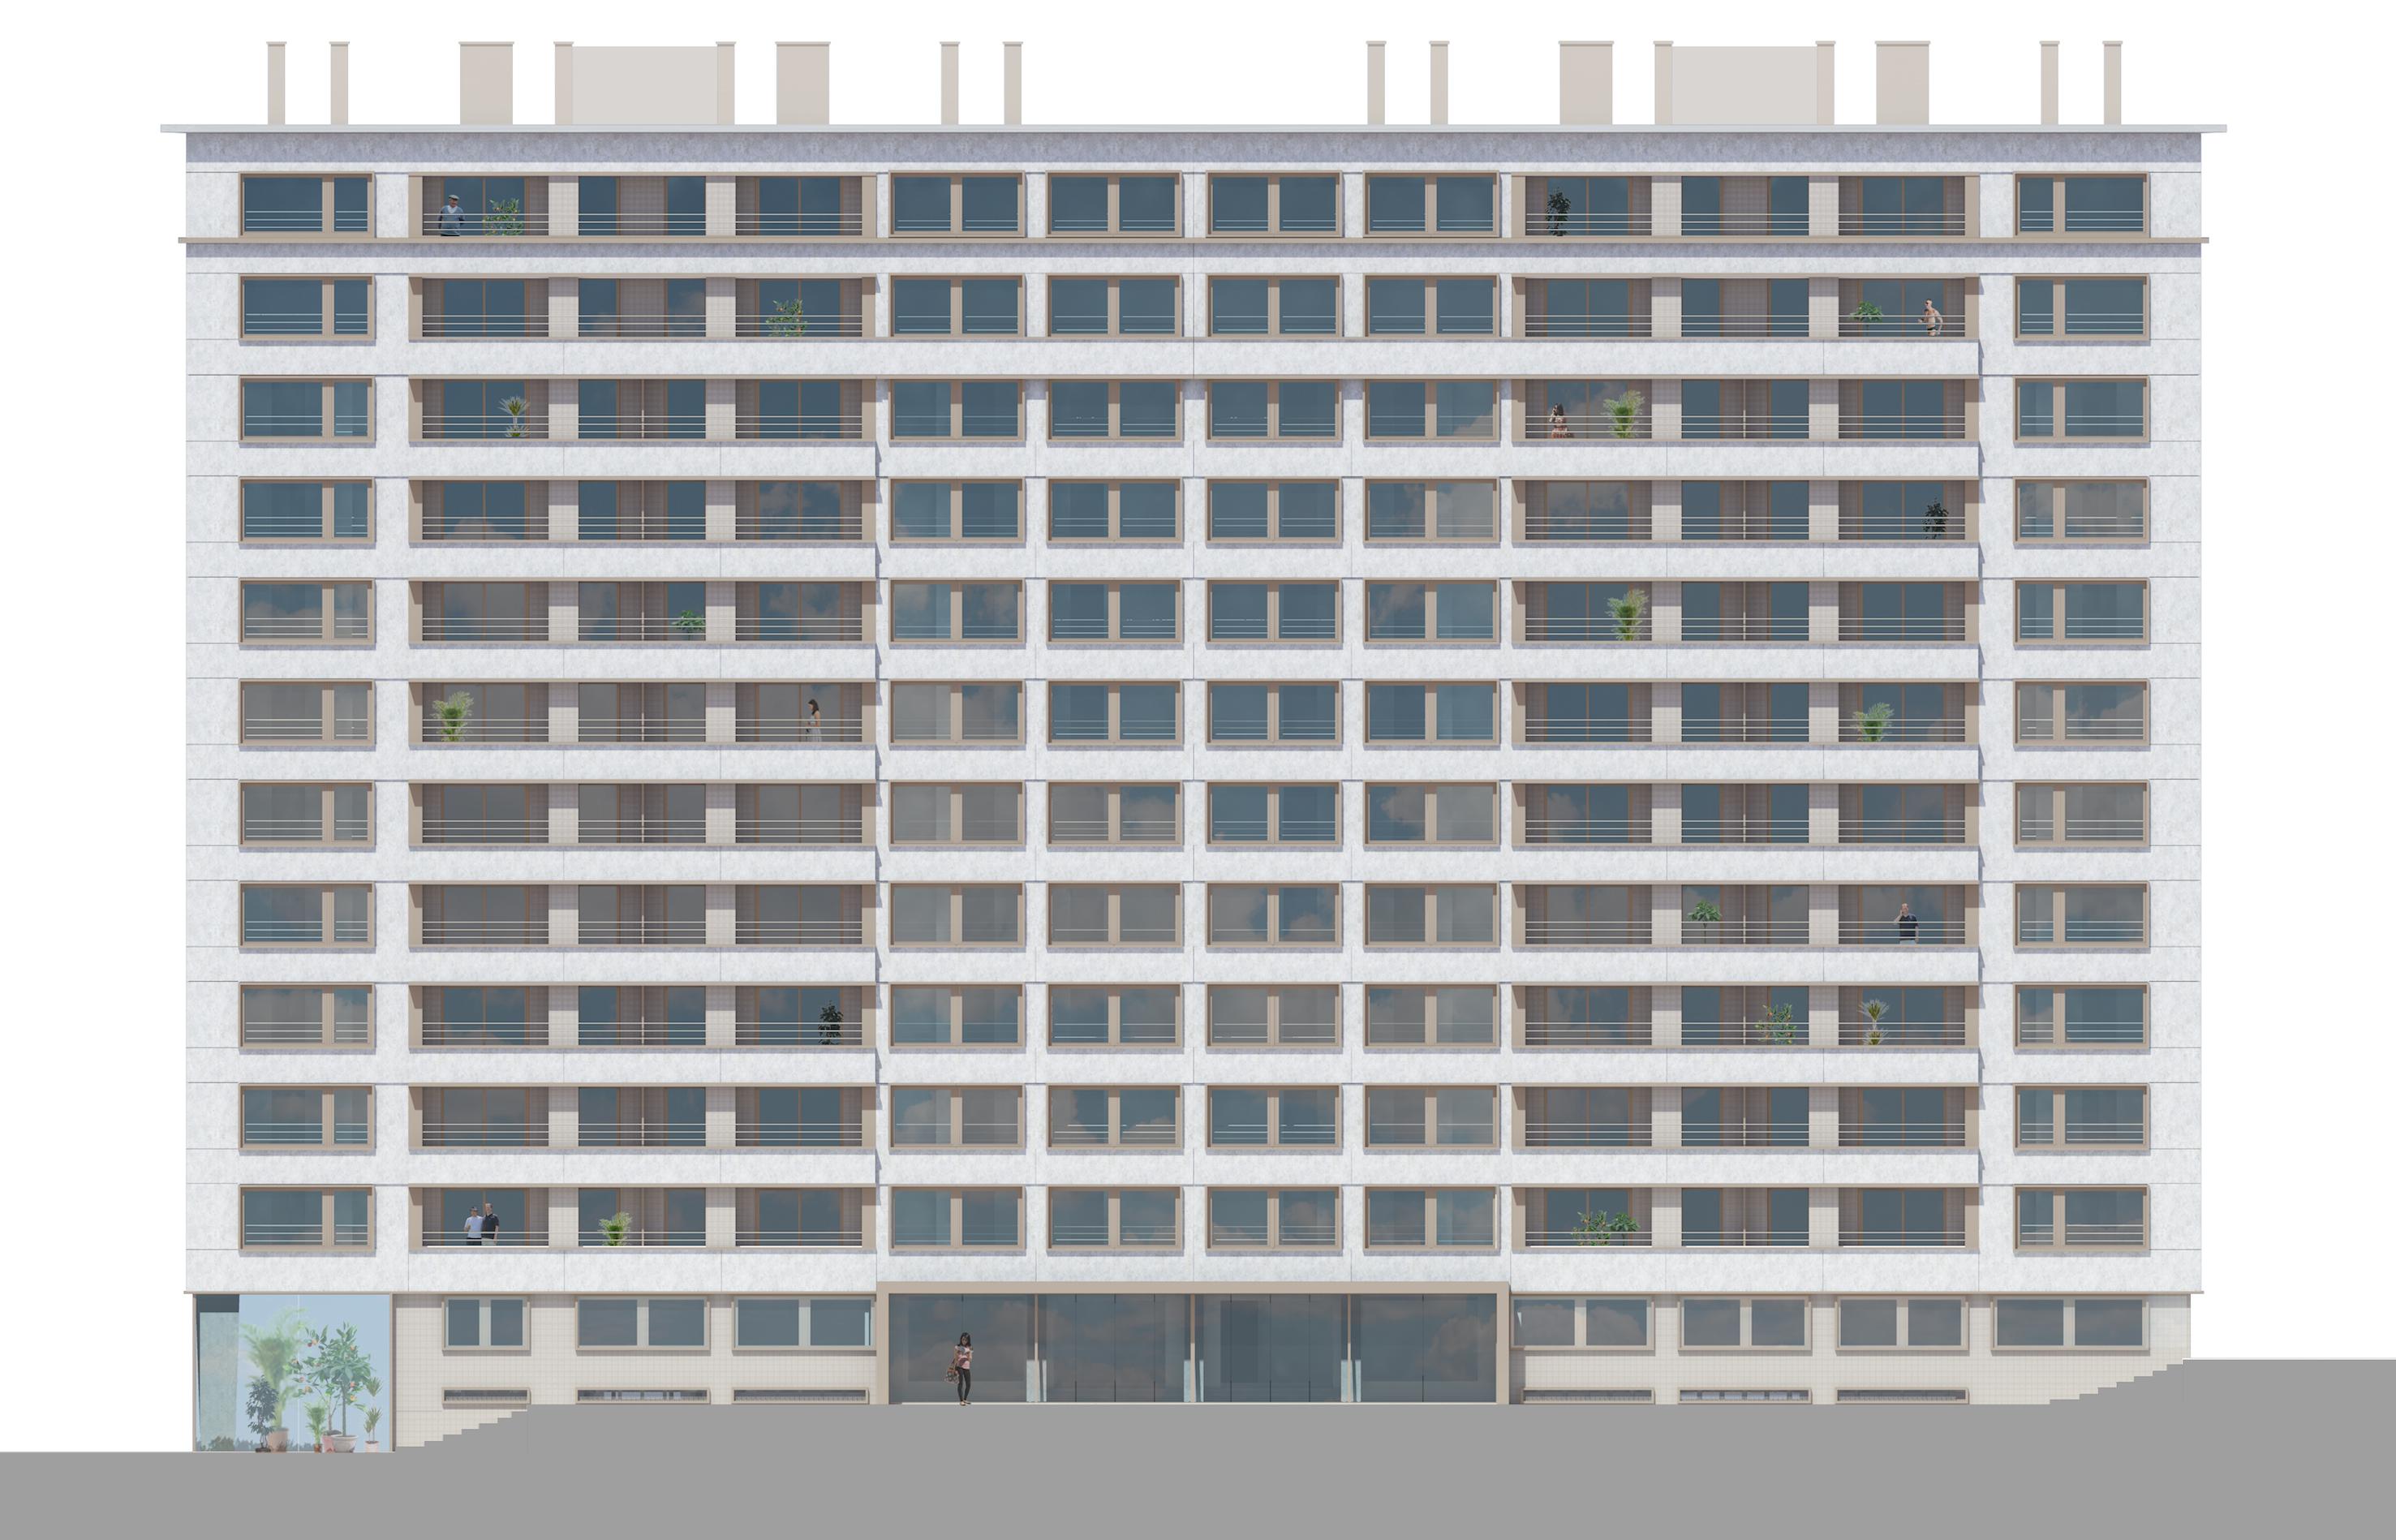 Atelier Kempe Thill wint renovatieopdracht in Brussel